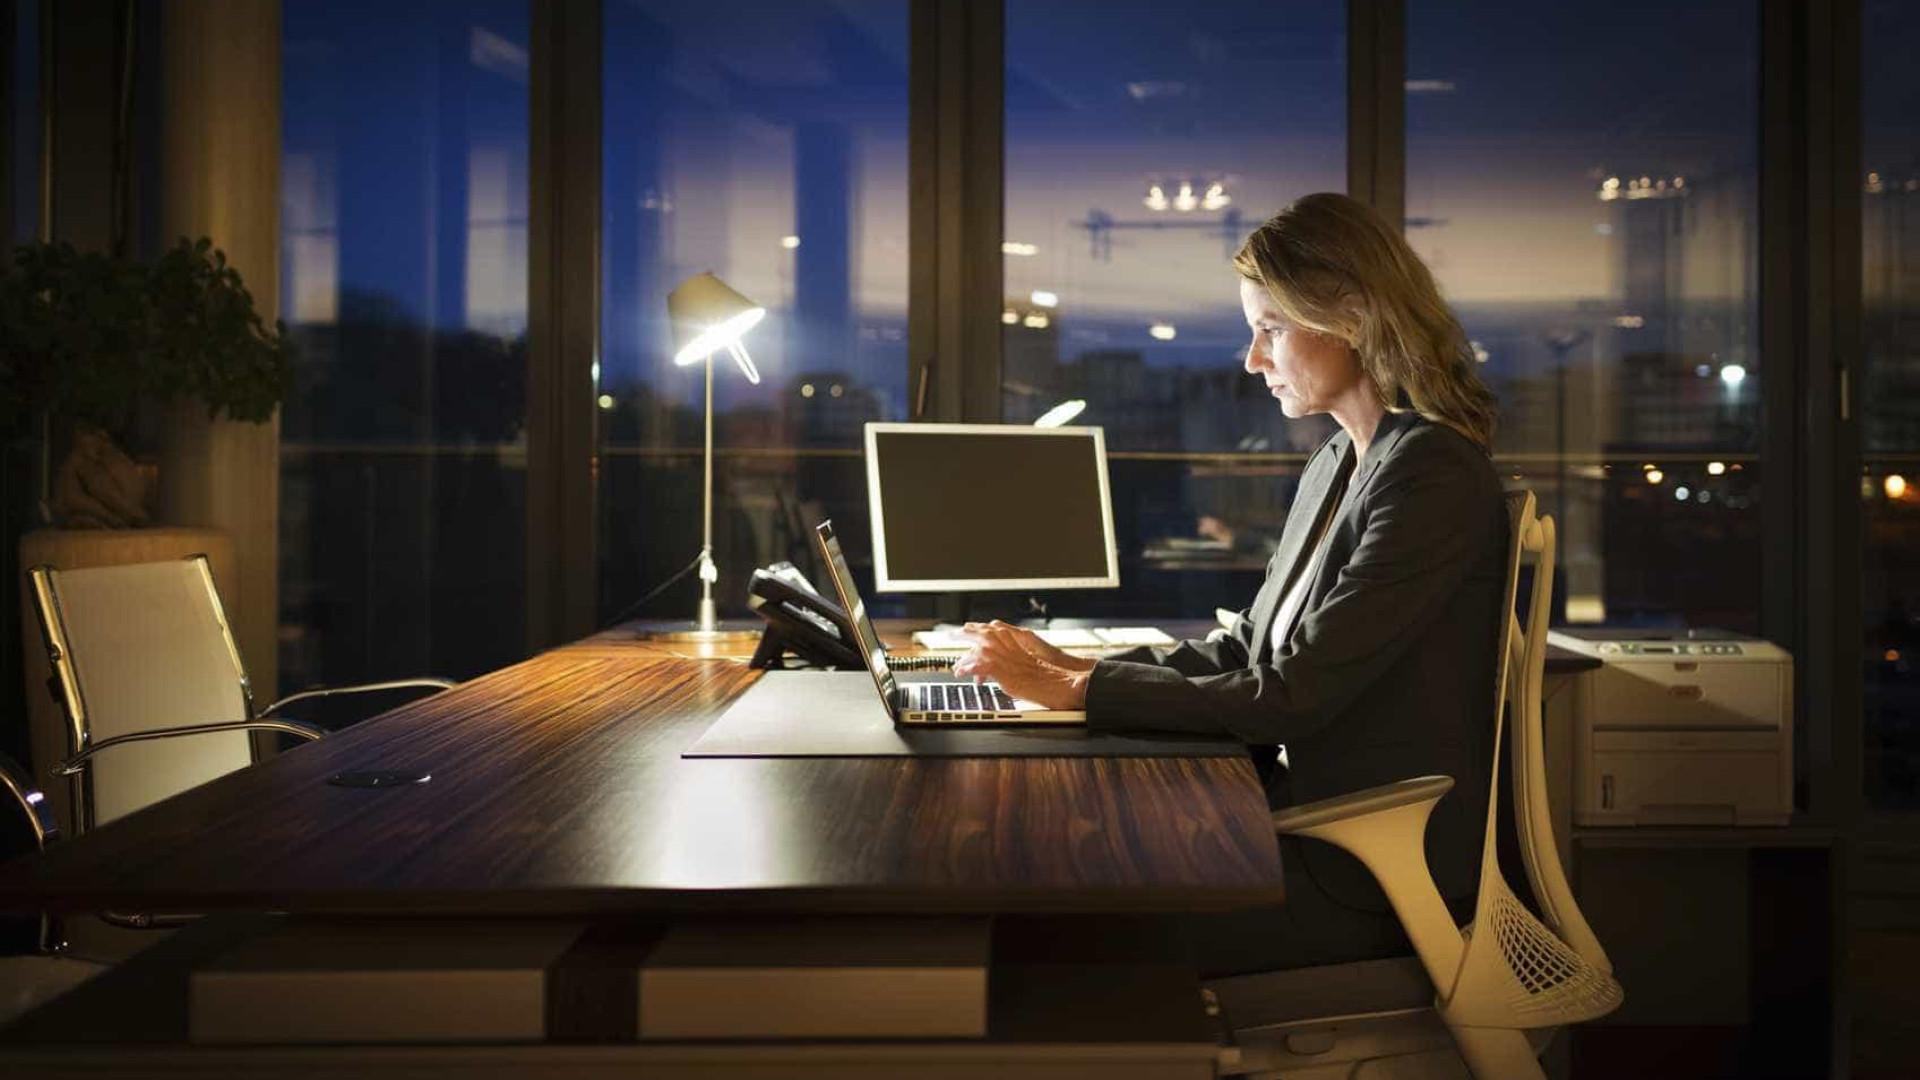 Longos períodos de trabalho  fazem mal à saúde das mulheres